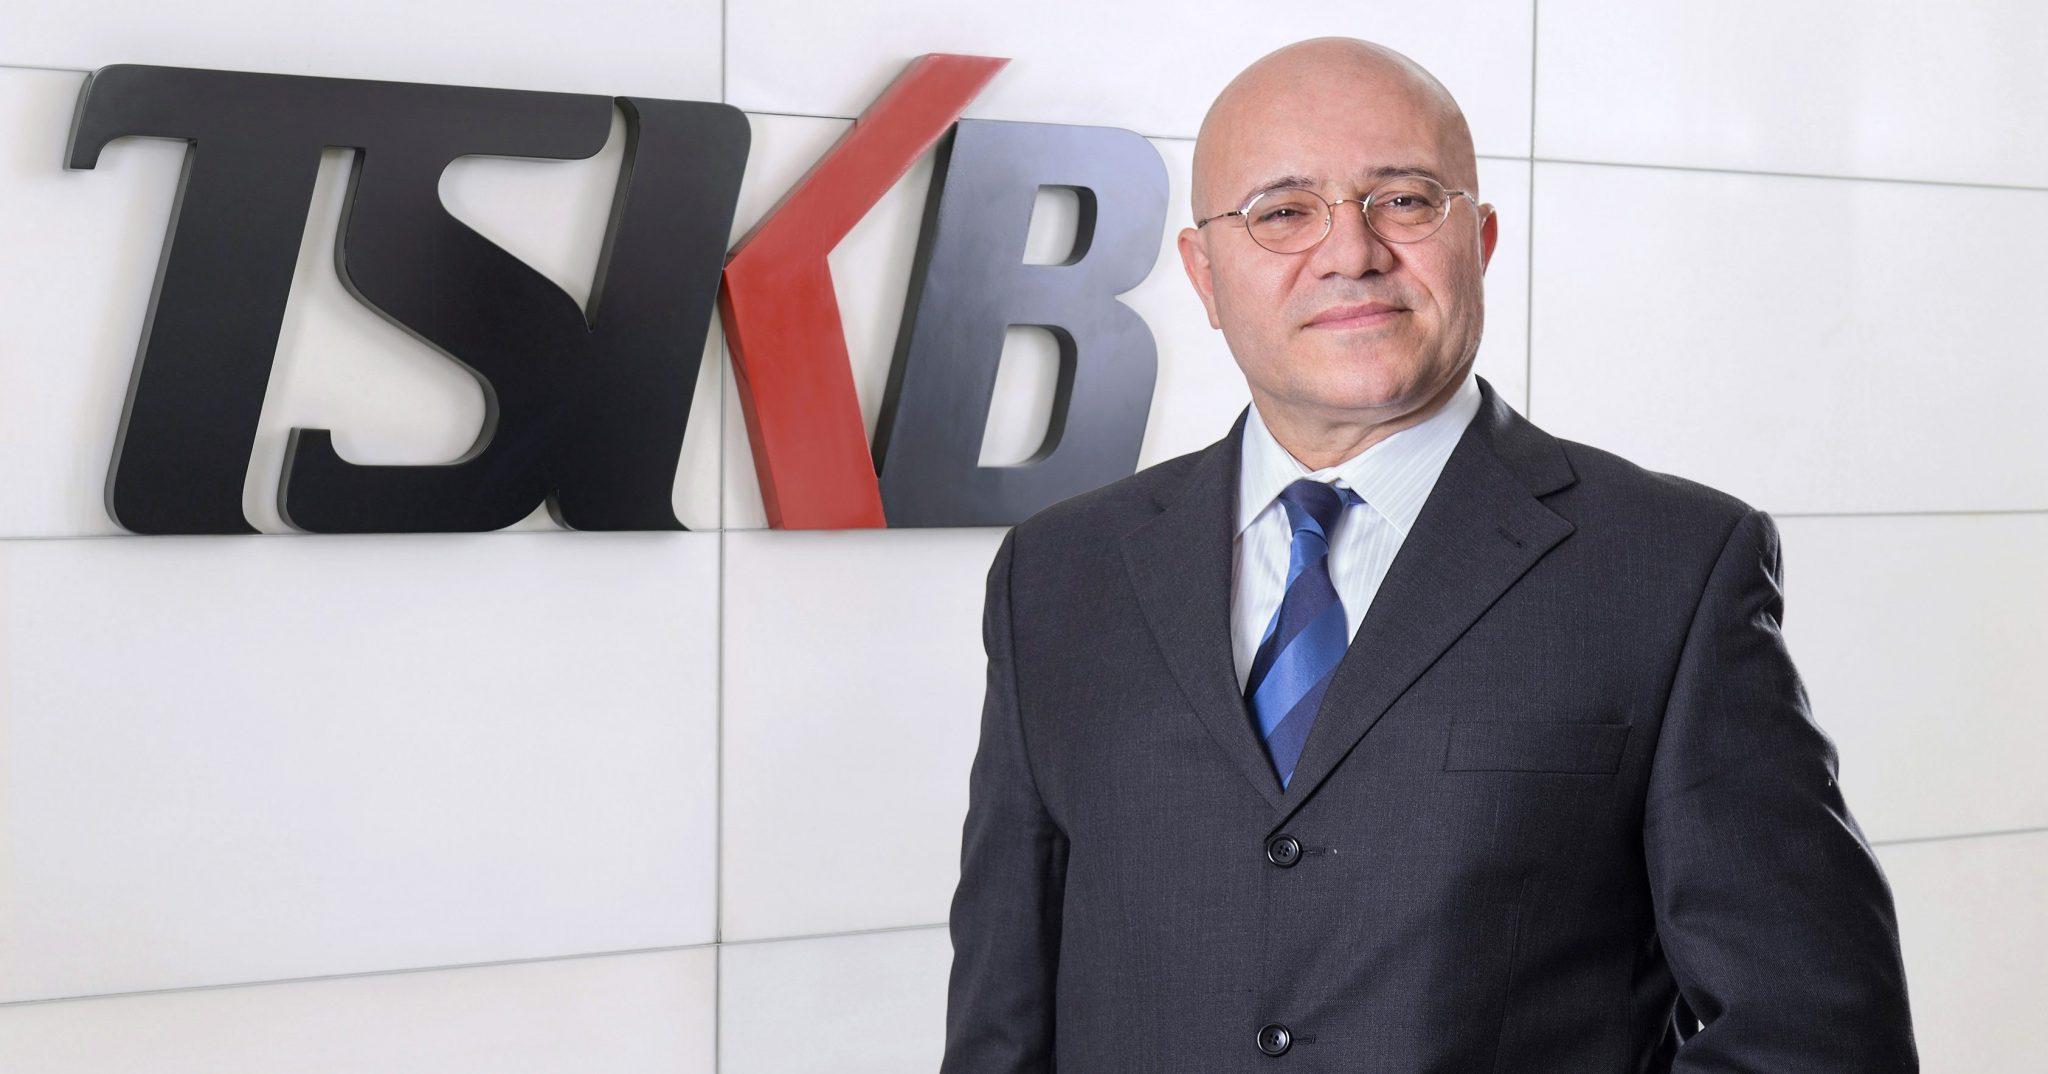 TSKB, Uluslararası Kalkınma Finansmanı Kulübü Yönetiminde Yerini Aldı